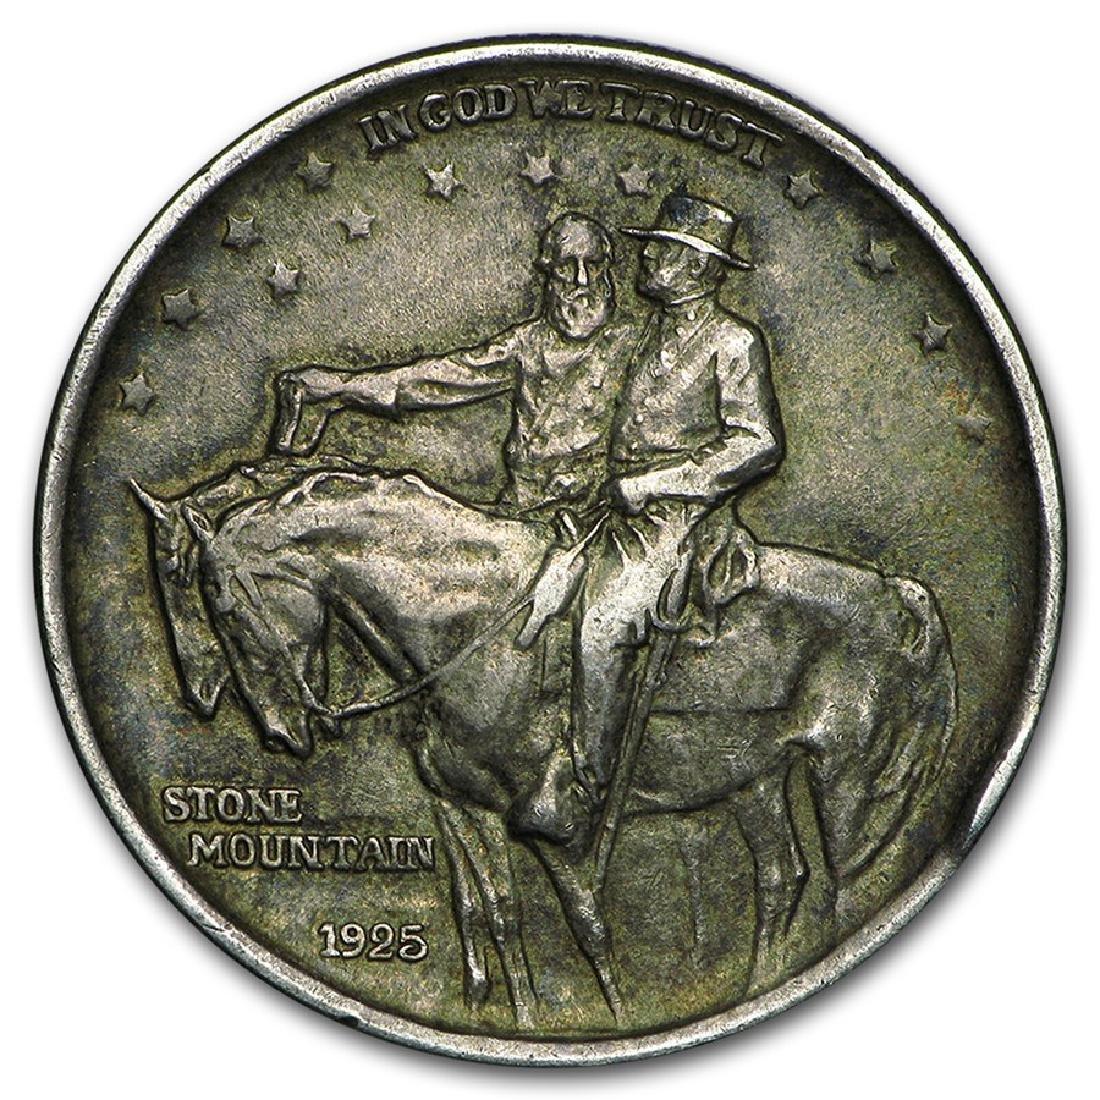 1925 Stone Mountain Memorial Commemorative Silver Half